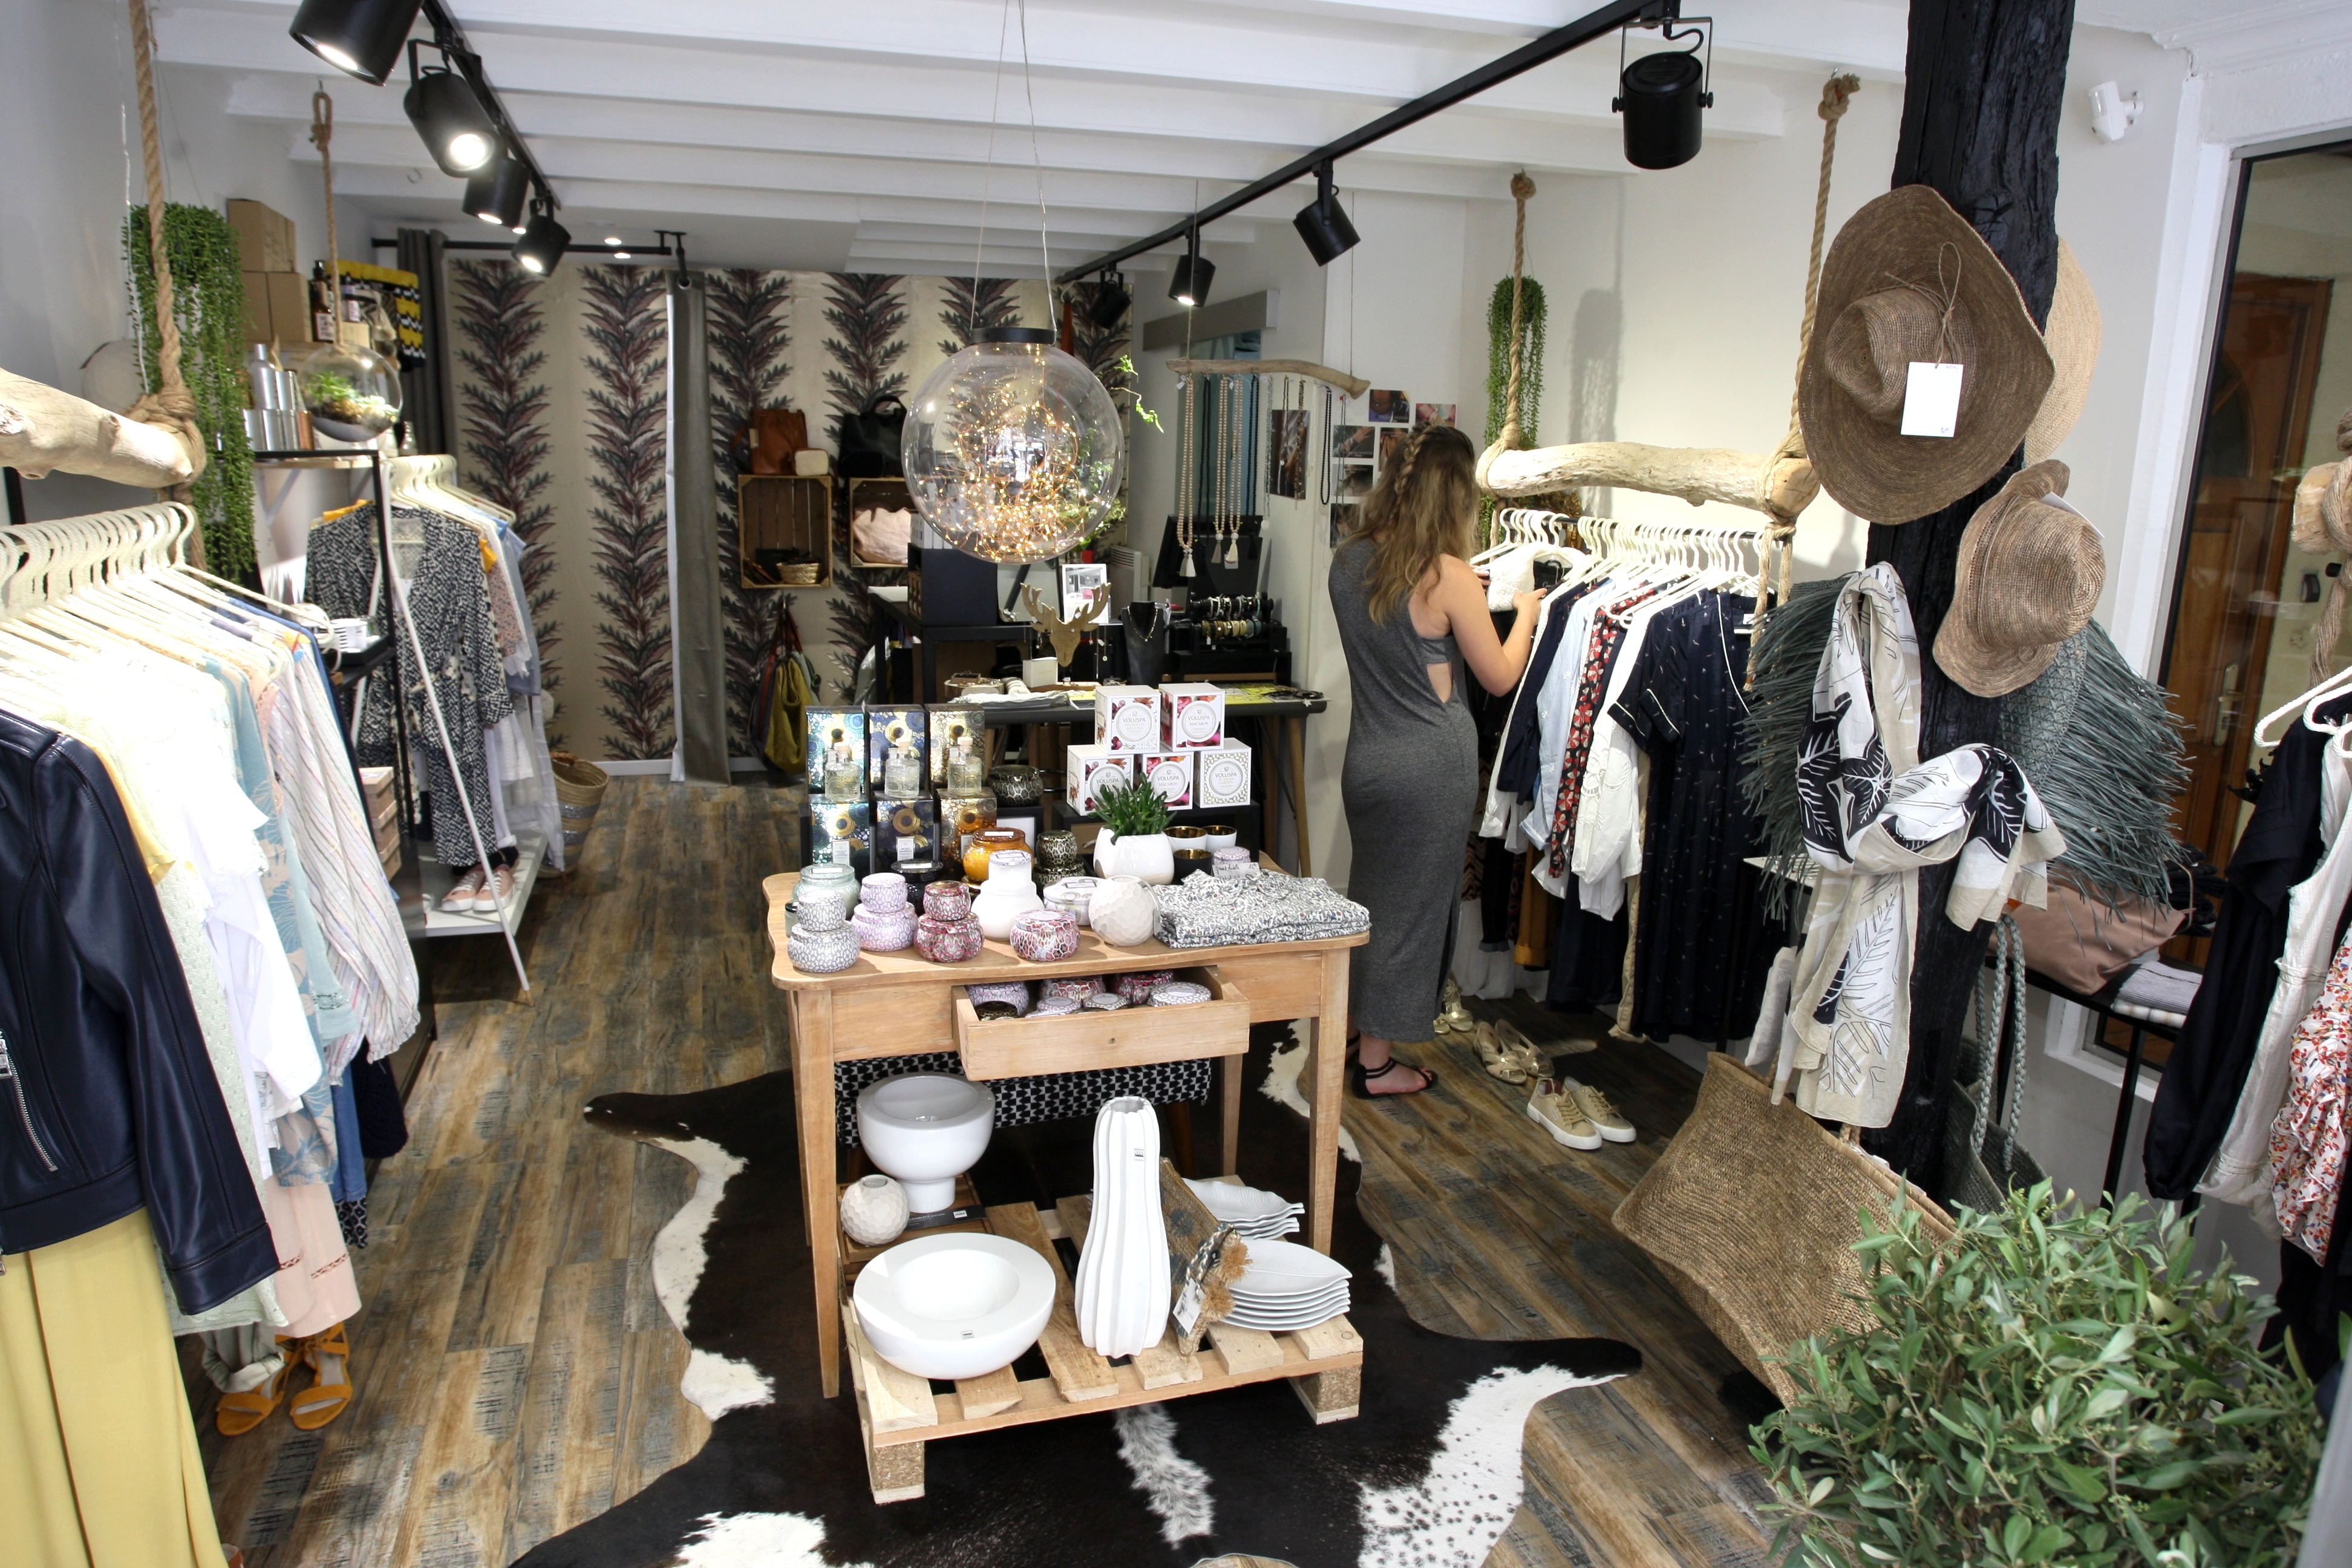 Plafonnier Salle De Bain Brico Depot ~ Shopping Le 5 Concept Store Le Boh Me Chic Du Pr T Porter Aux